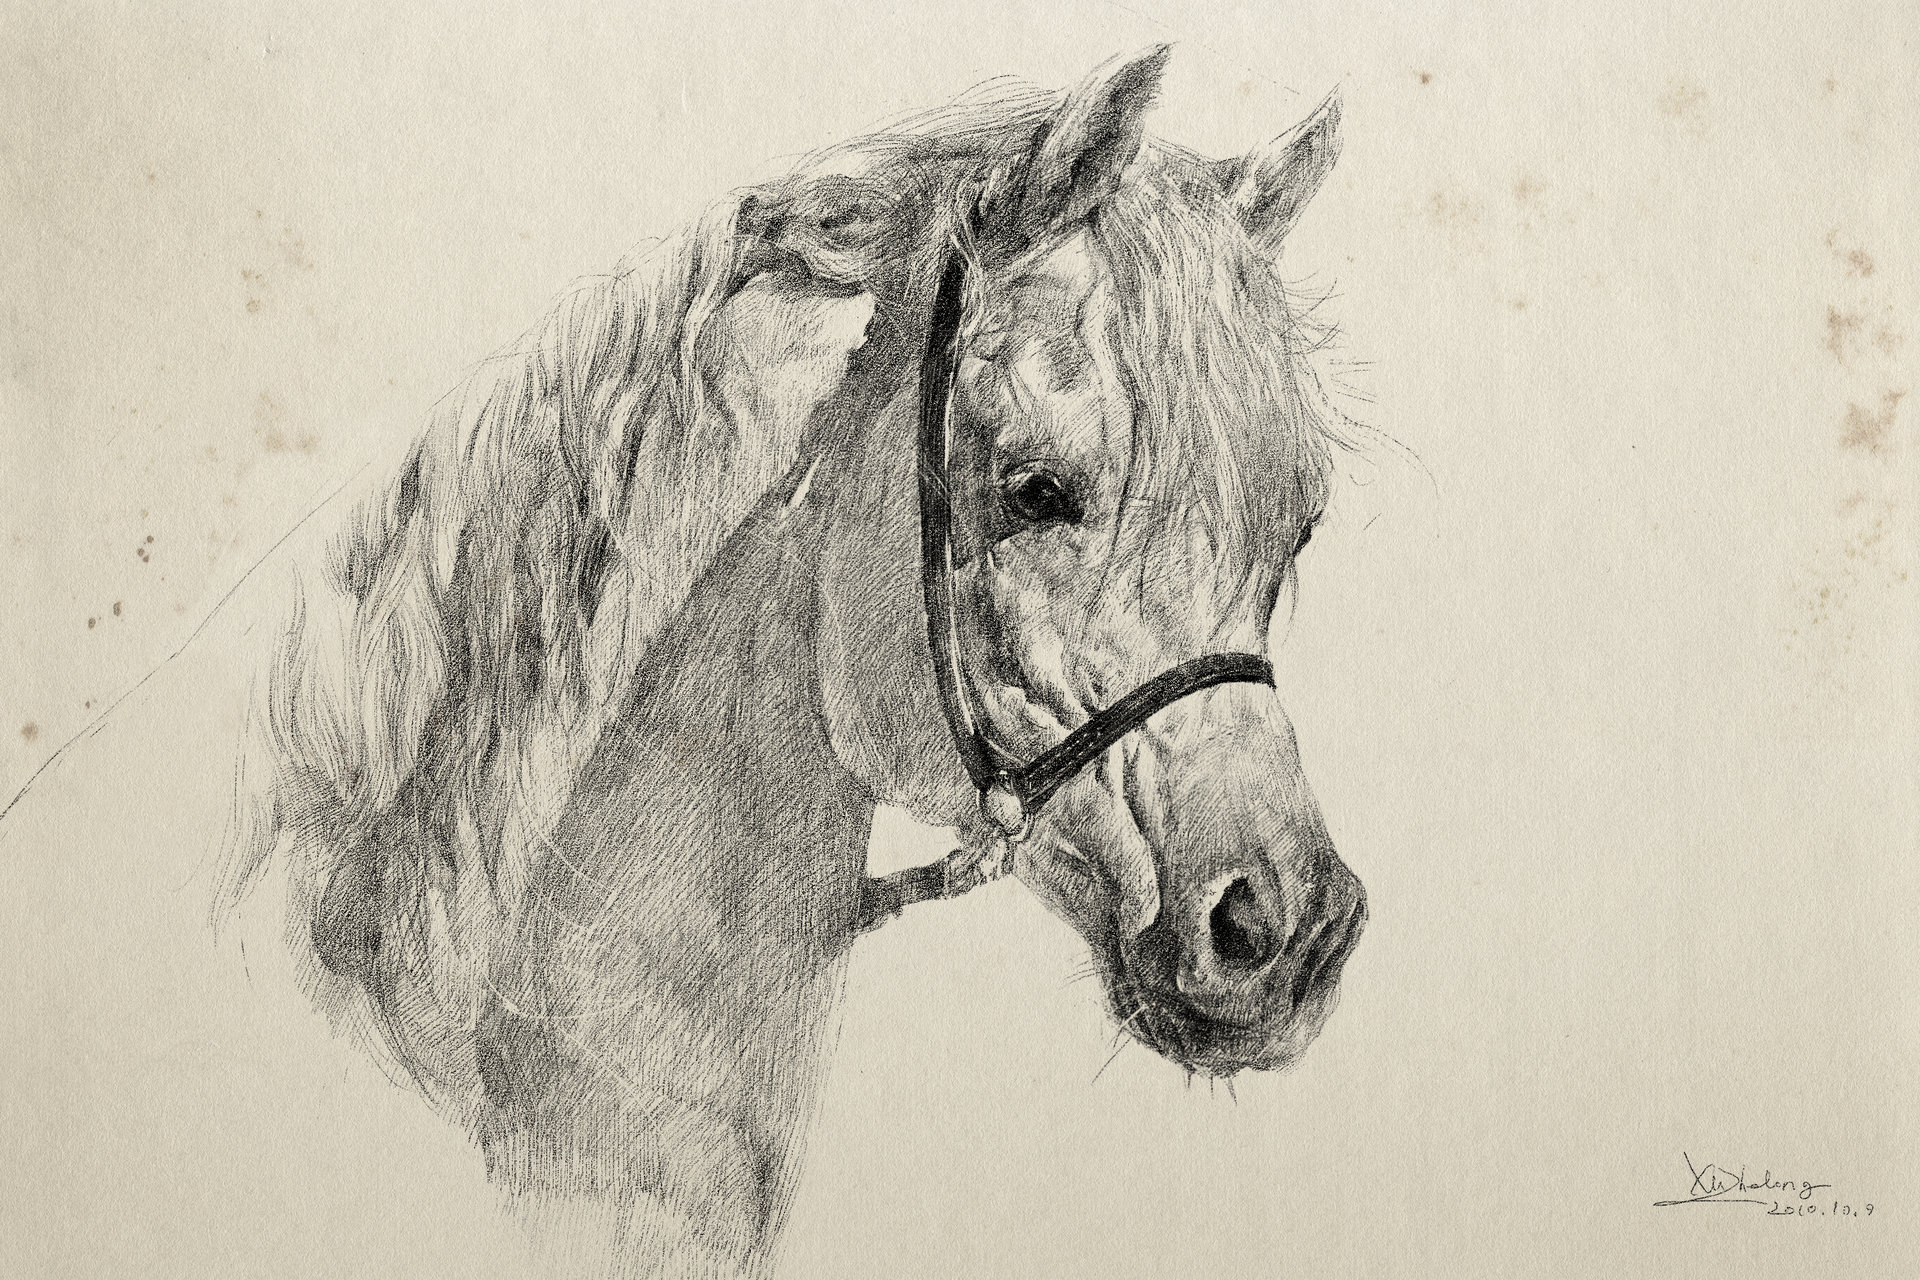 Zhelong xu horse